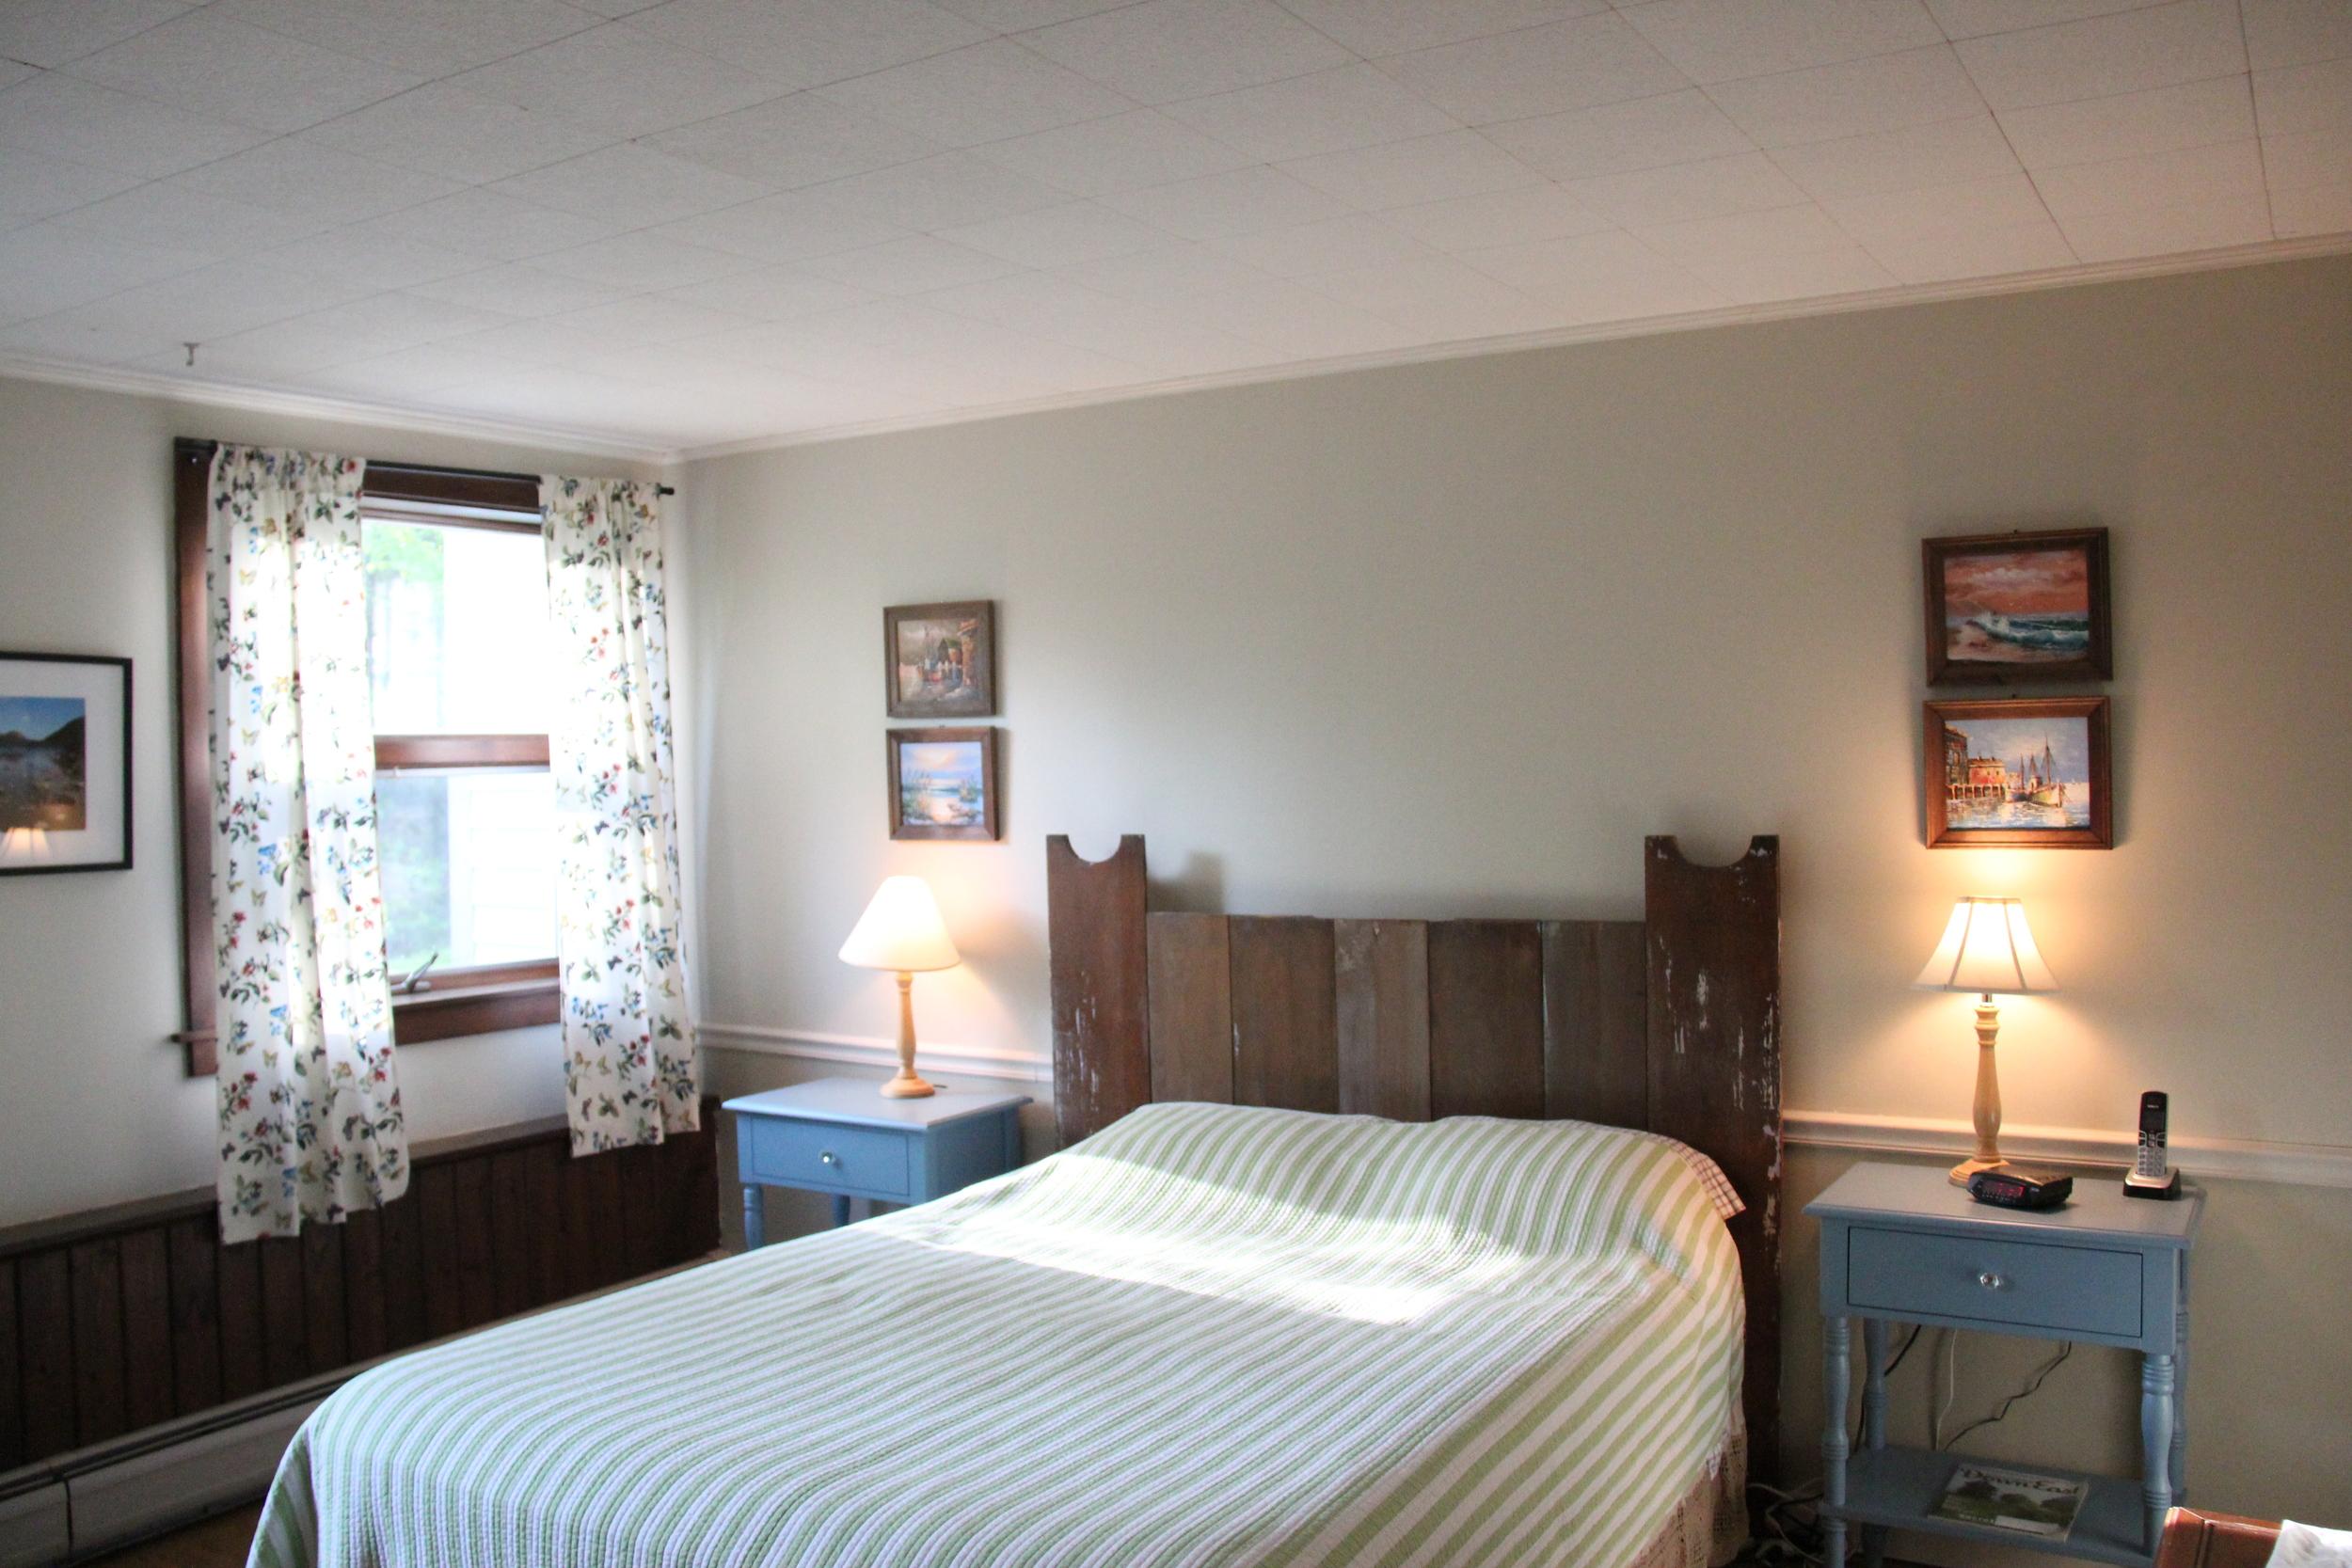 Lower level queen bedroom pic 1